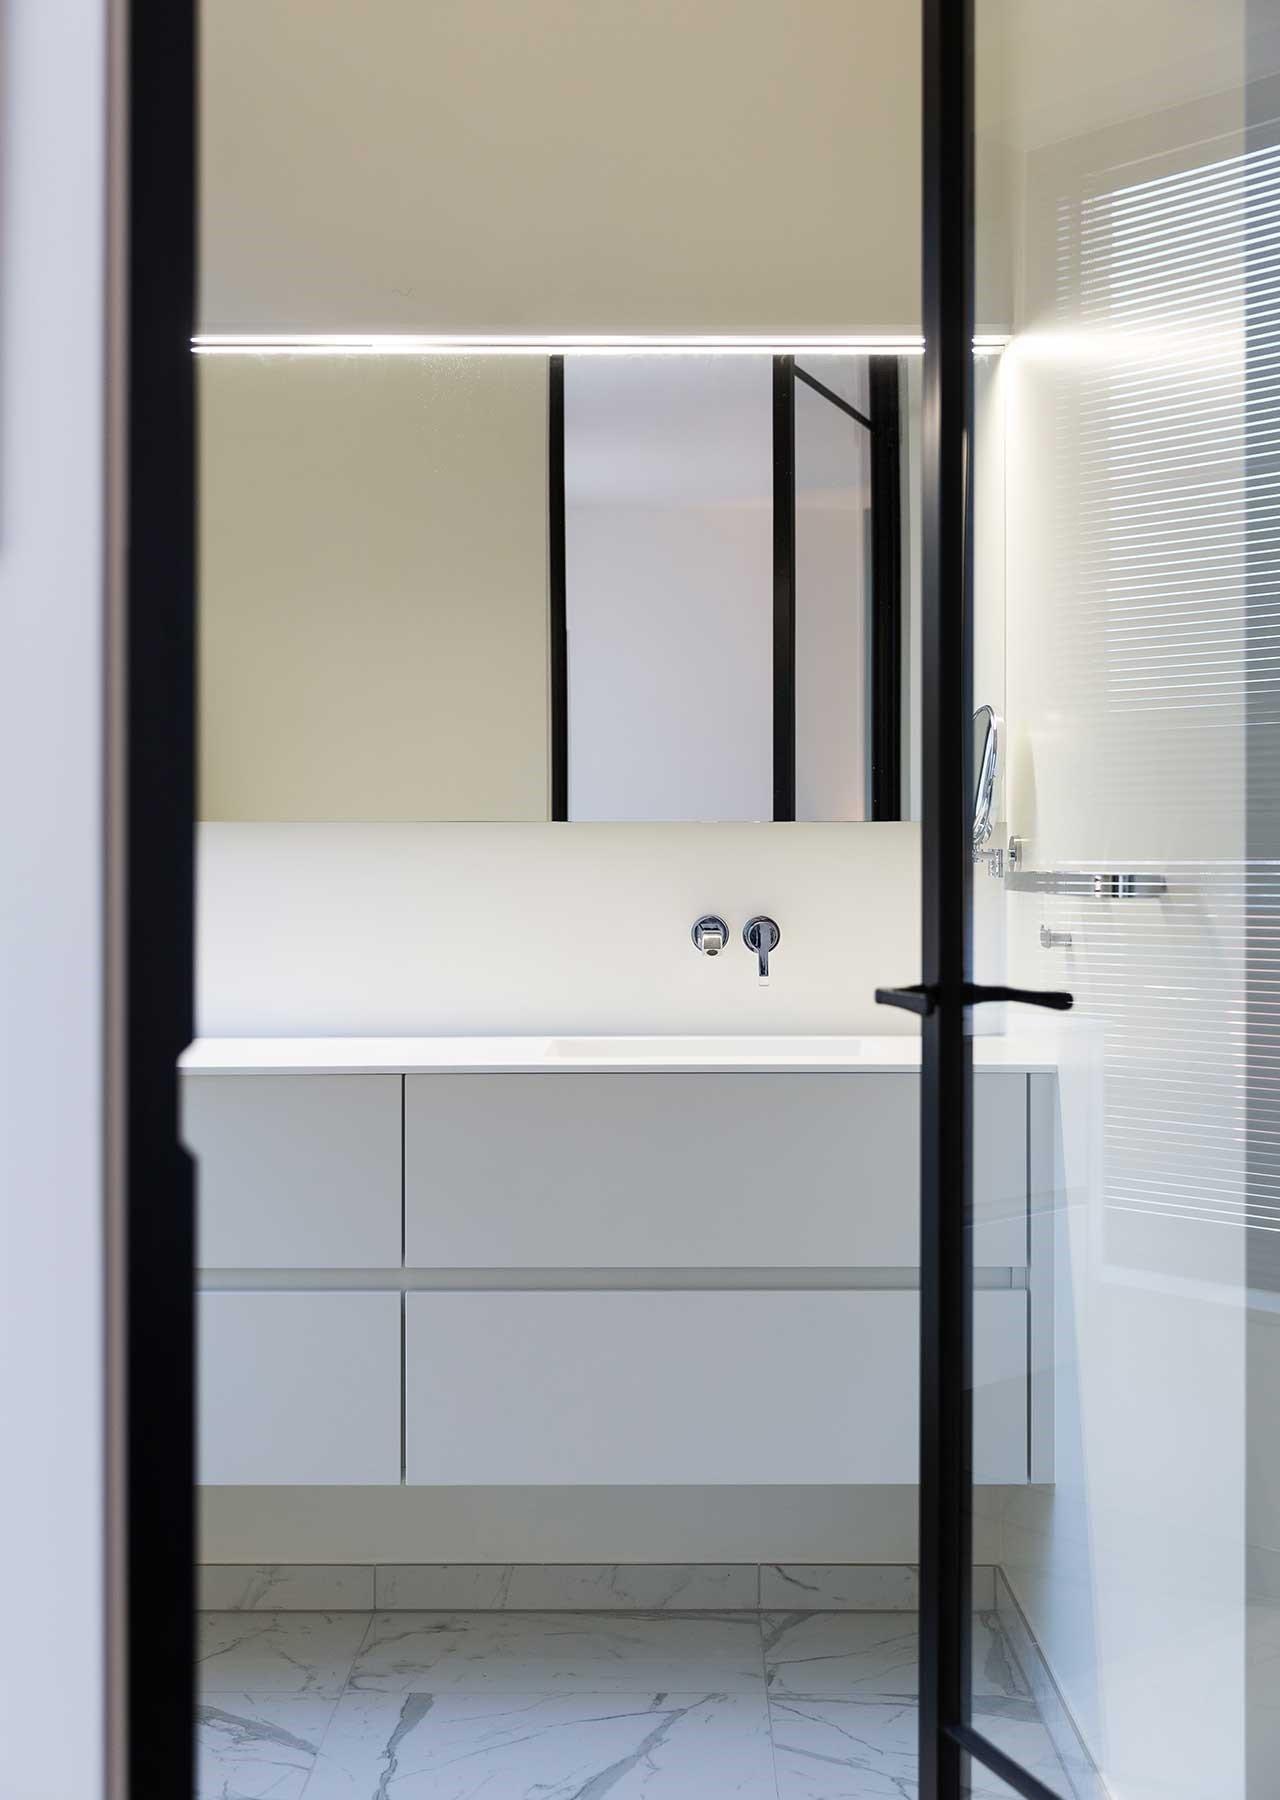 Totaalinrichting-badkamer-appartement-Kortrijk-1.jpg